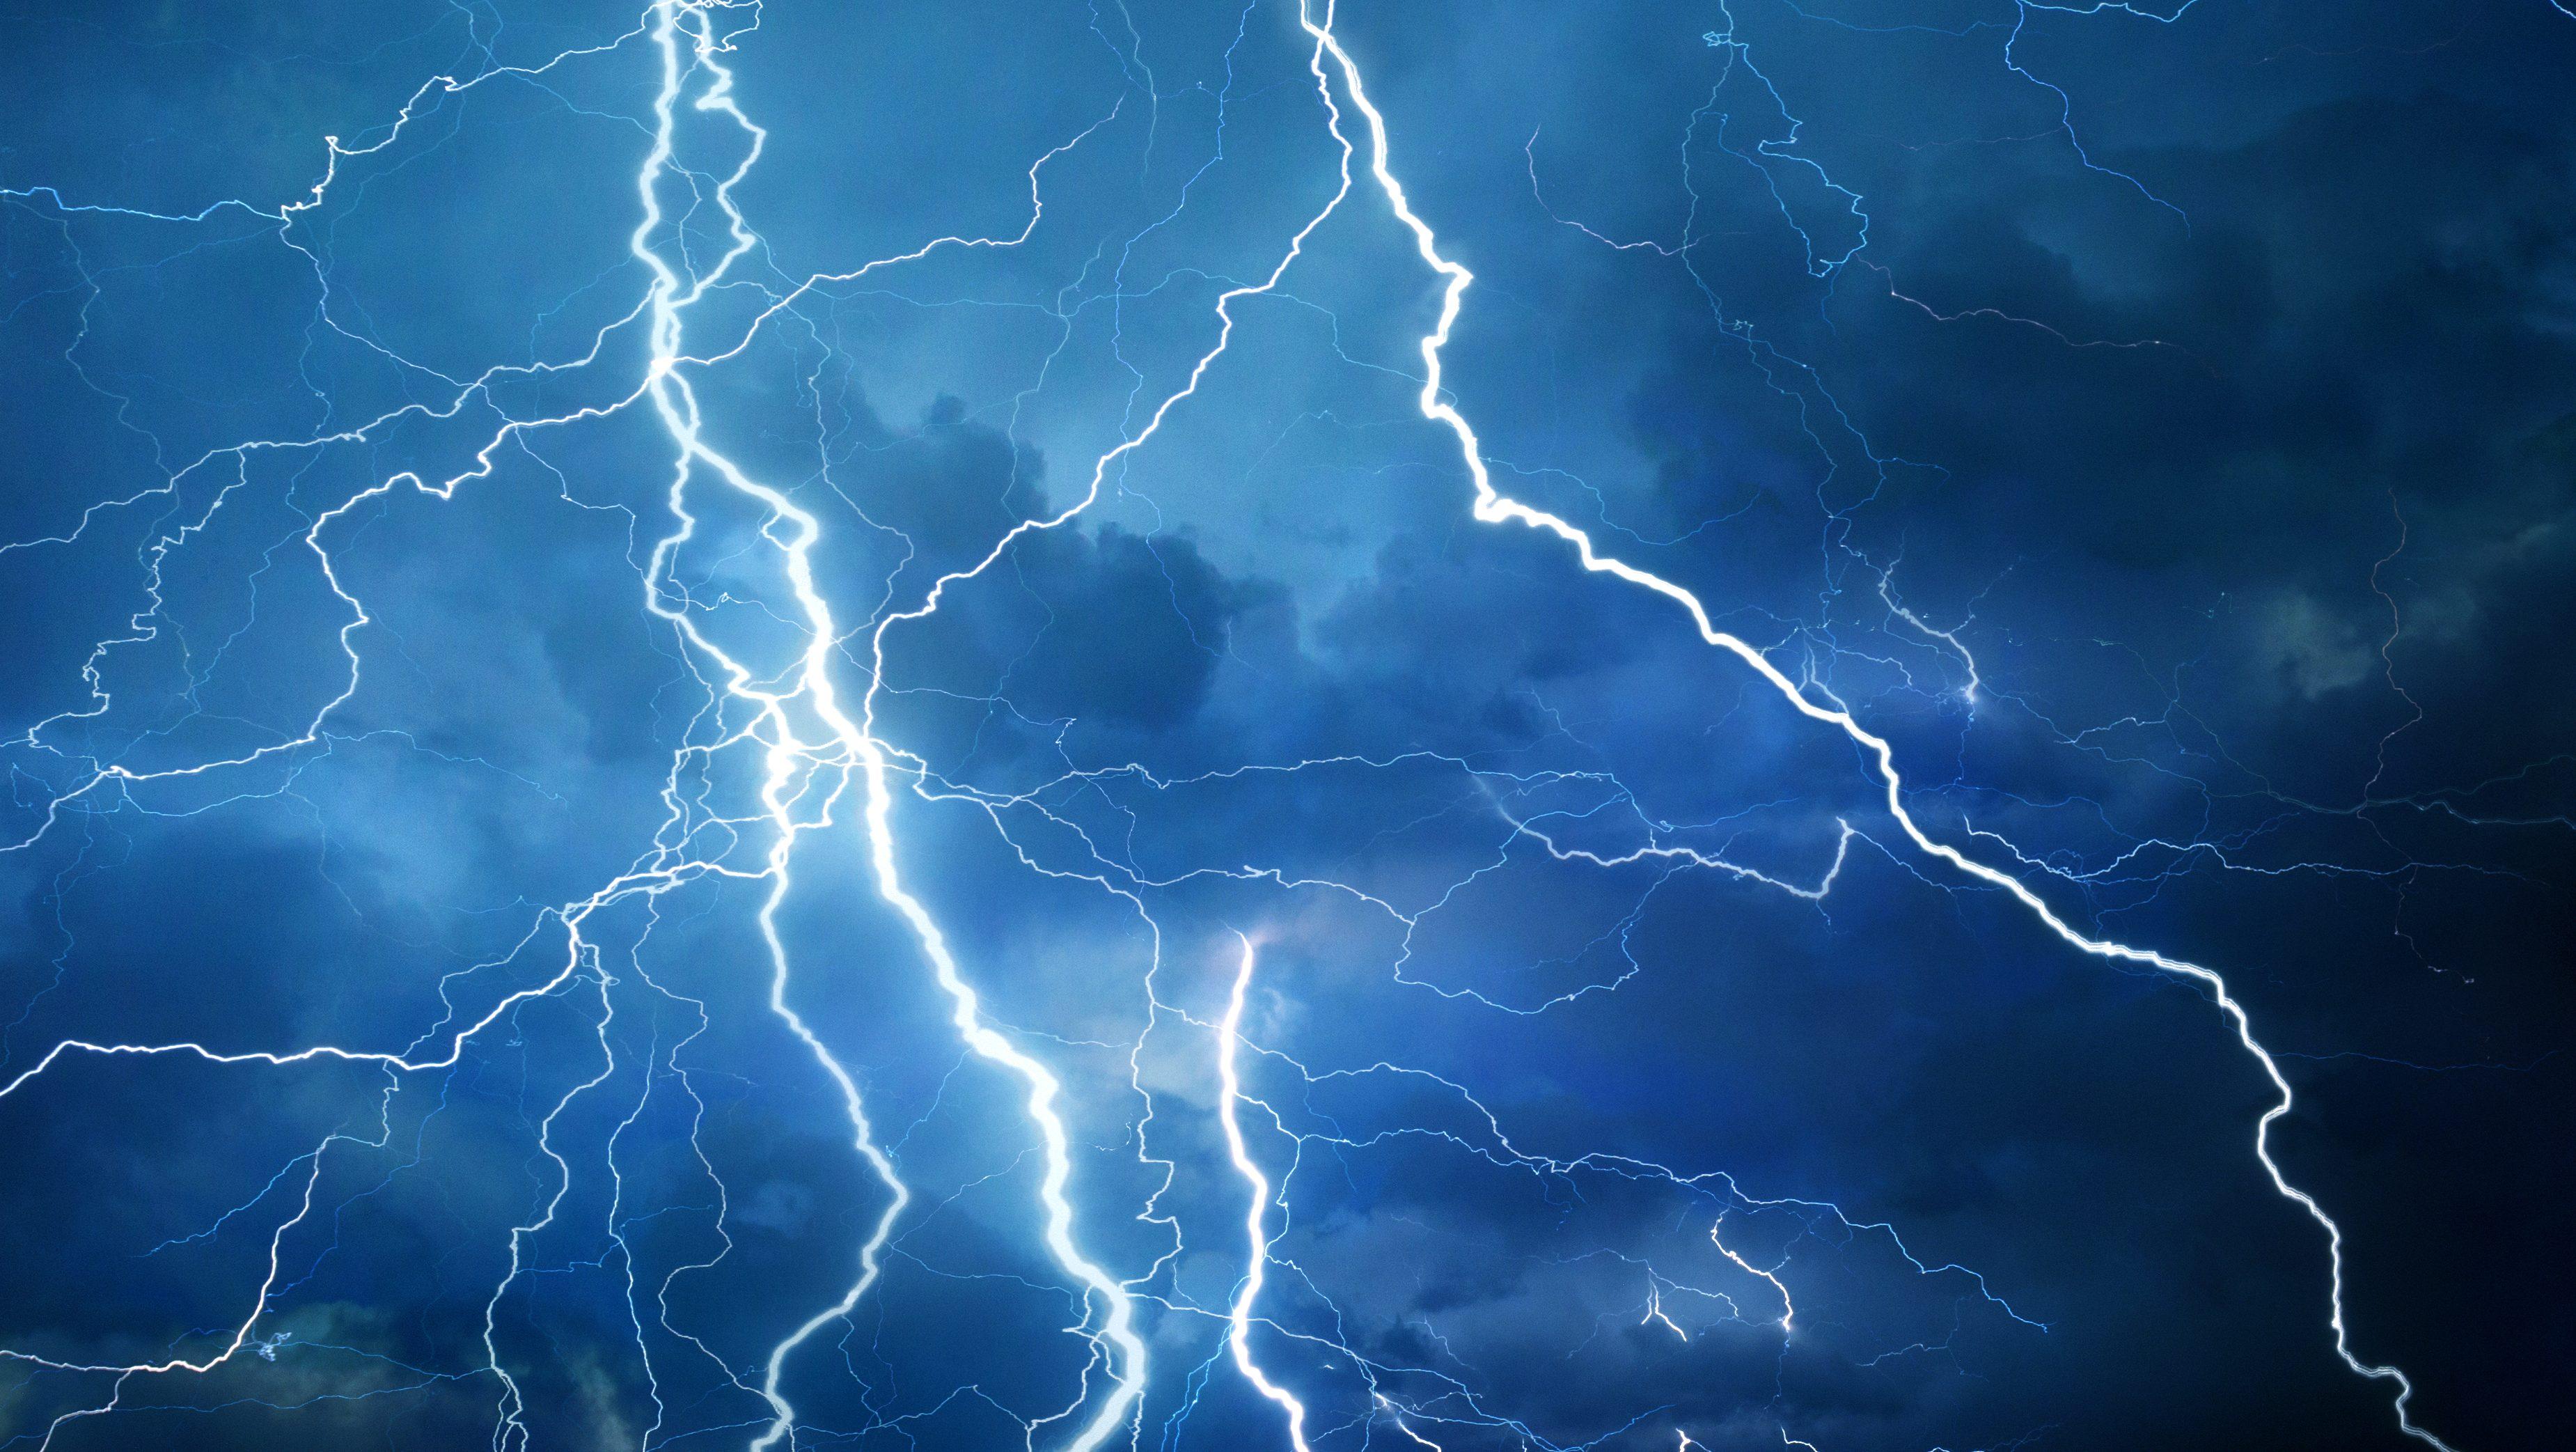 thunderstormsaccompaniedbylightningandrainlashvariousdistrictsofmaharashtra